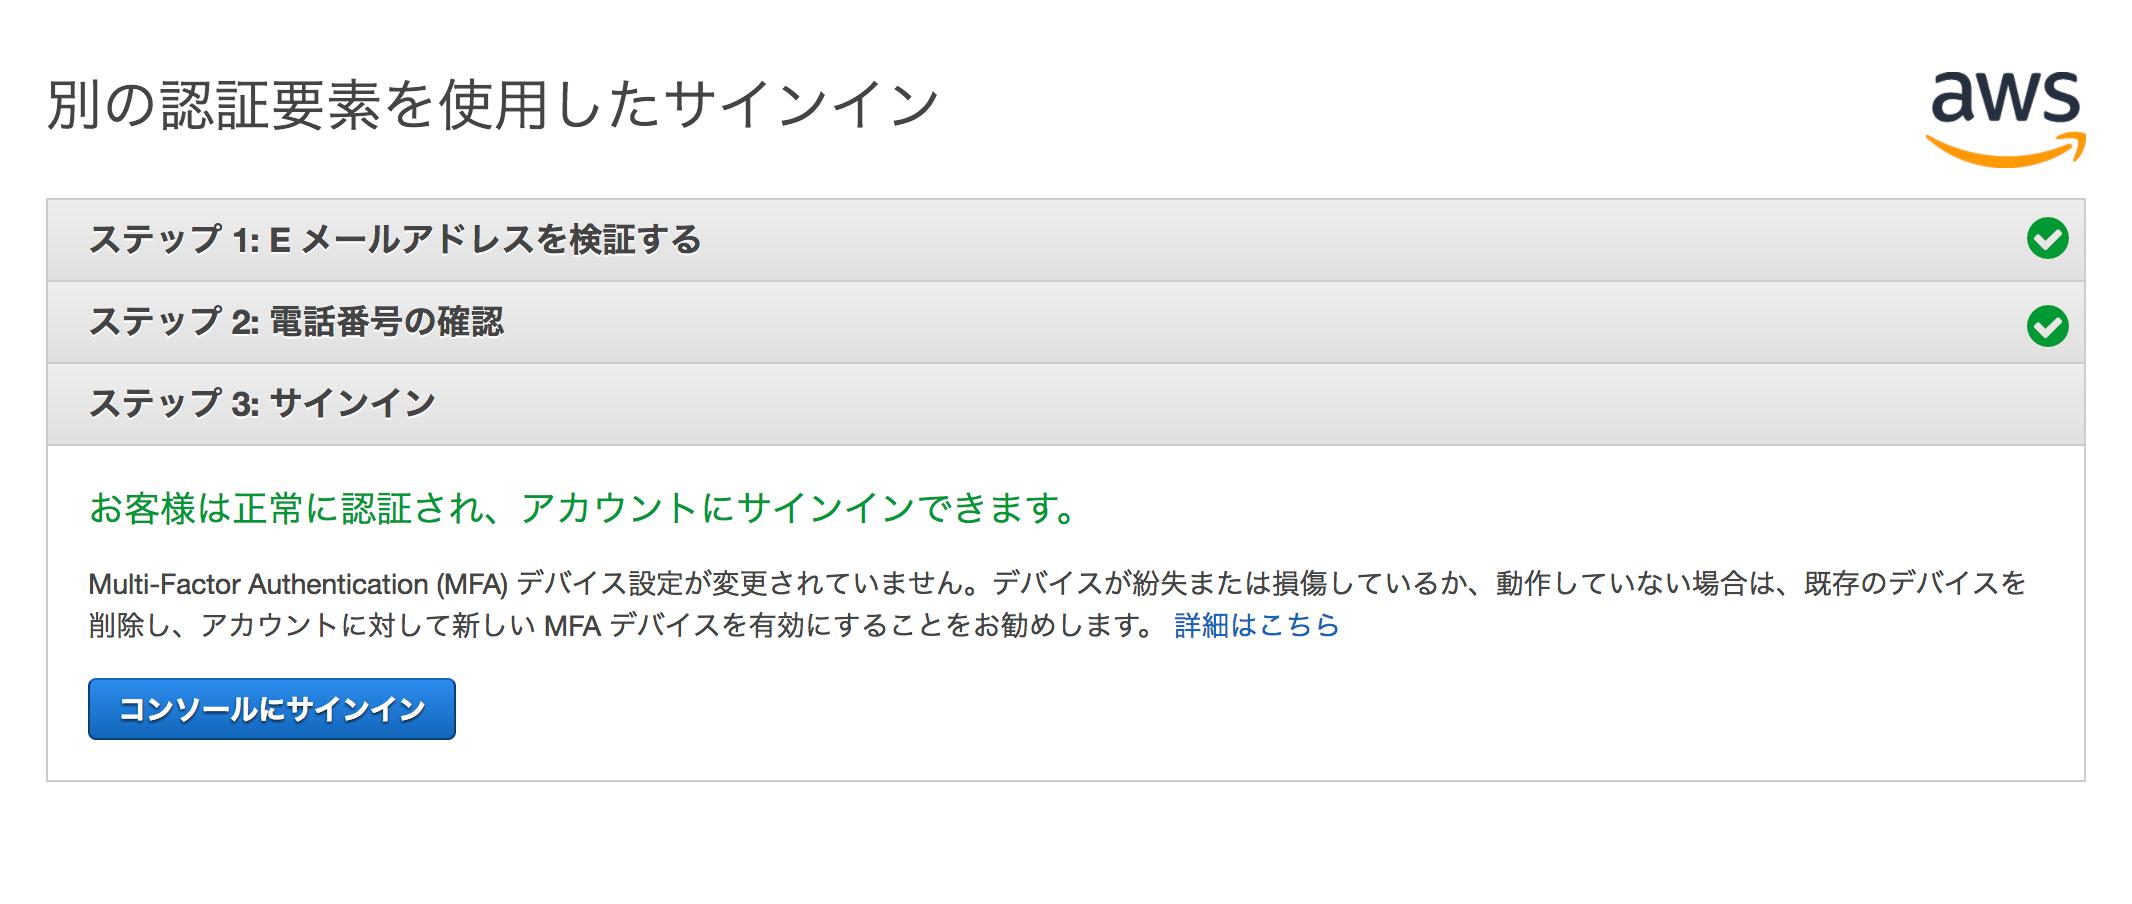 別の認証要素によるアマゾン_ウェブ_サービスのログイン 2.png